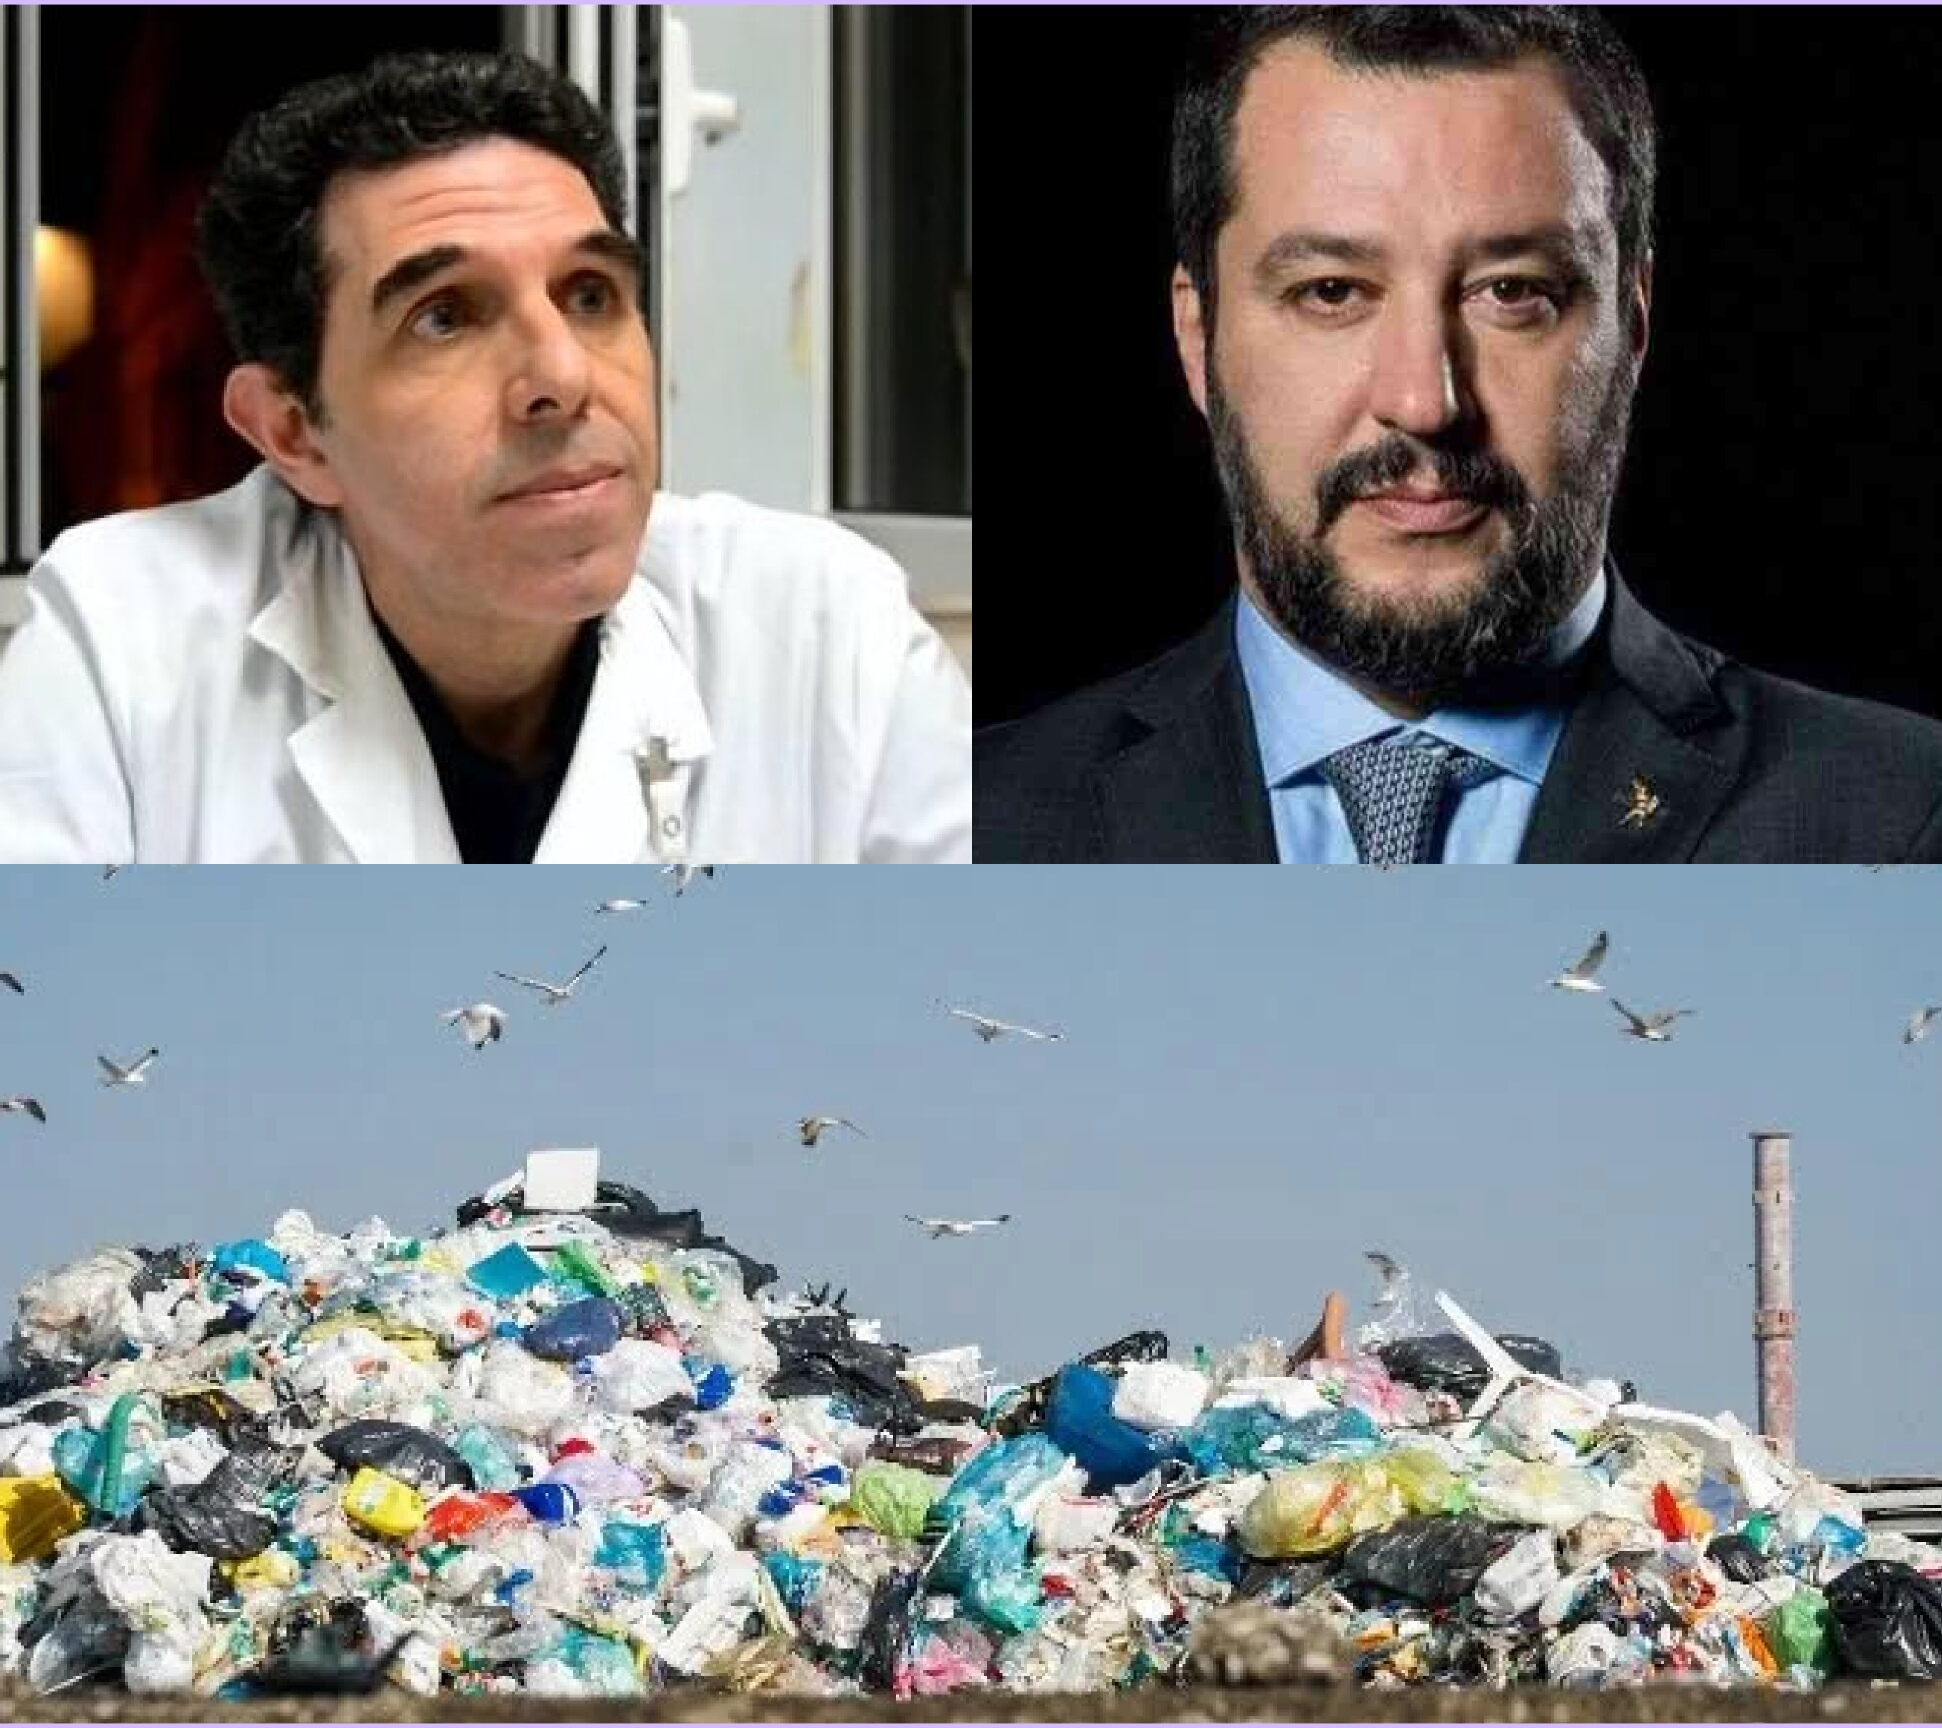 Di Ciaula-Salvini-Discarica-rifiuti